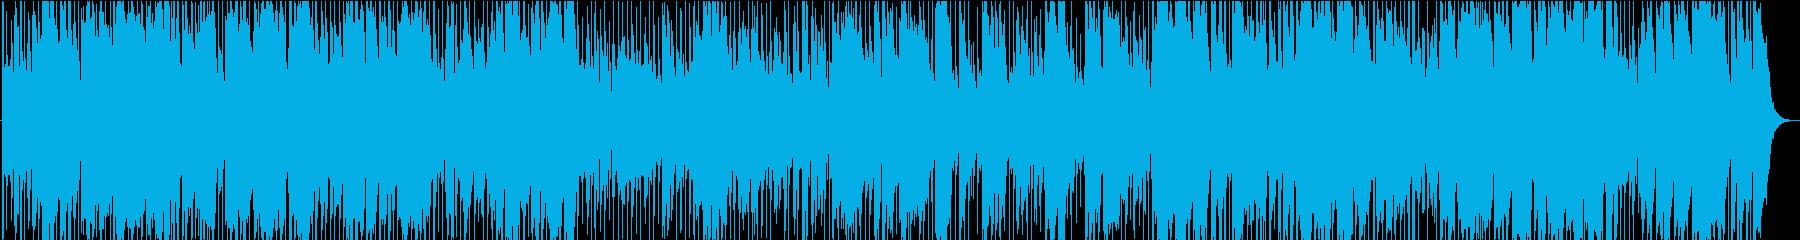 生演奏のゴージャスなビッグバンドジャズの再生済みの波形